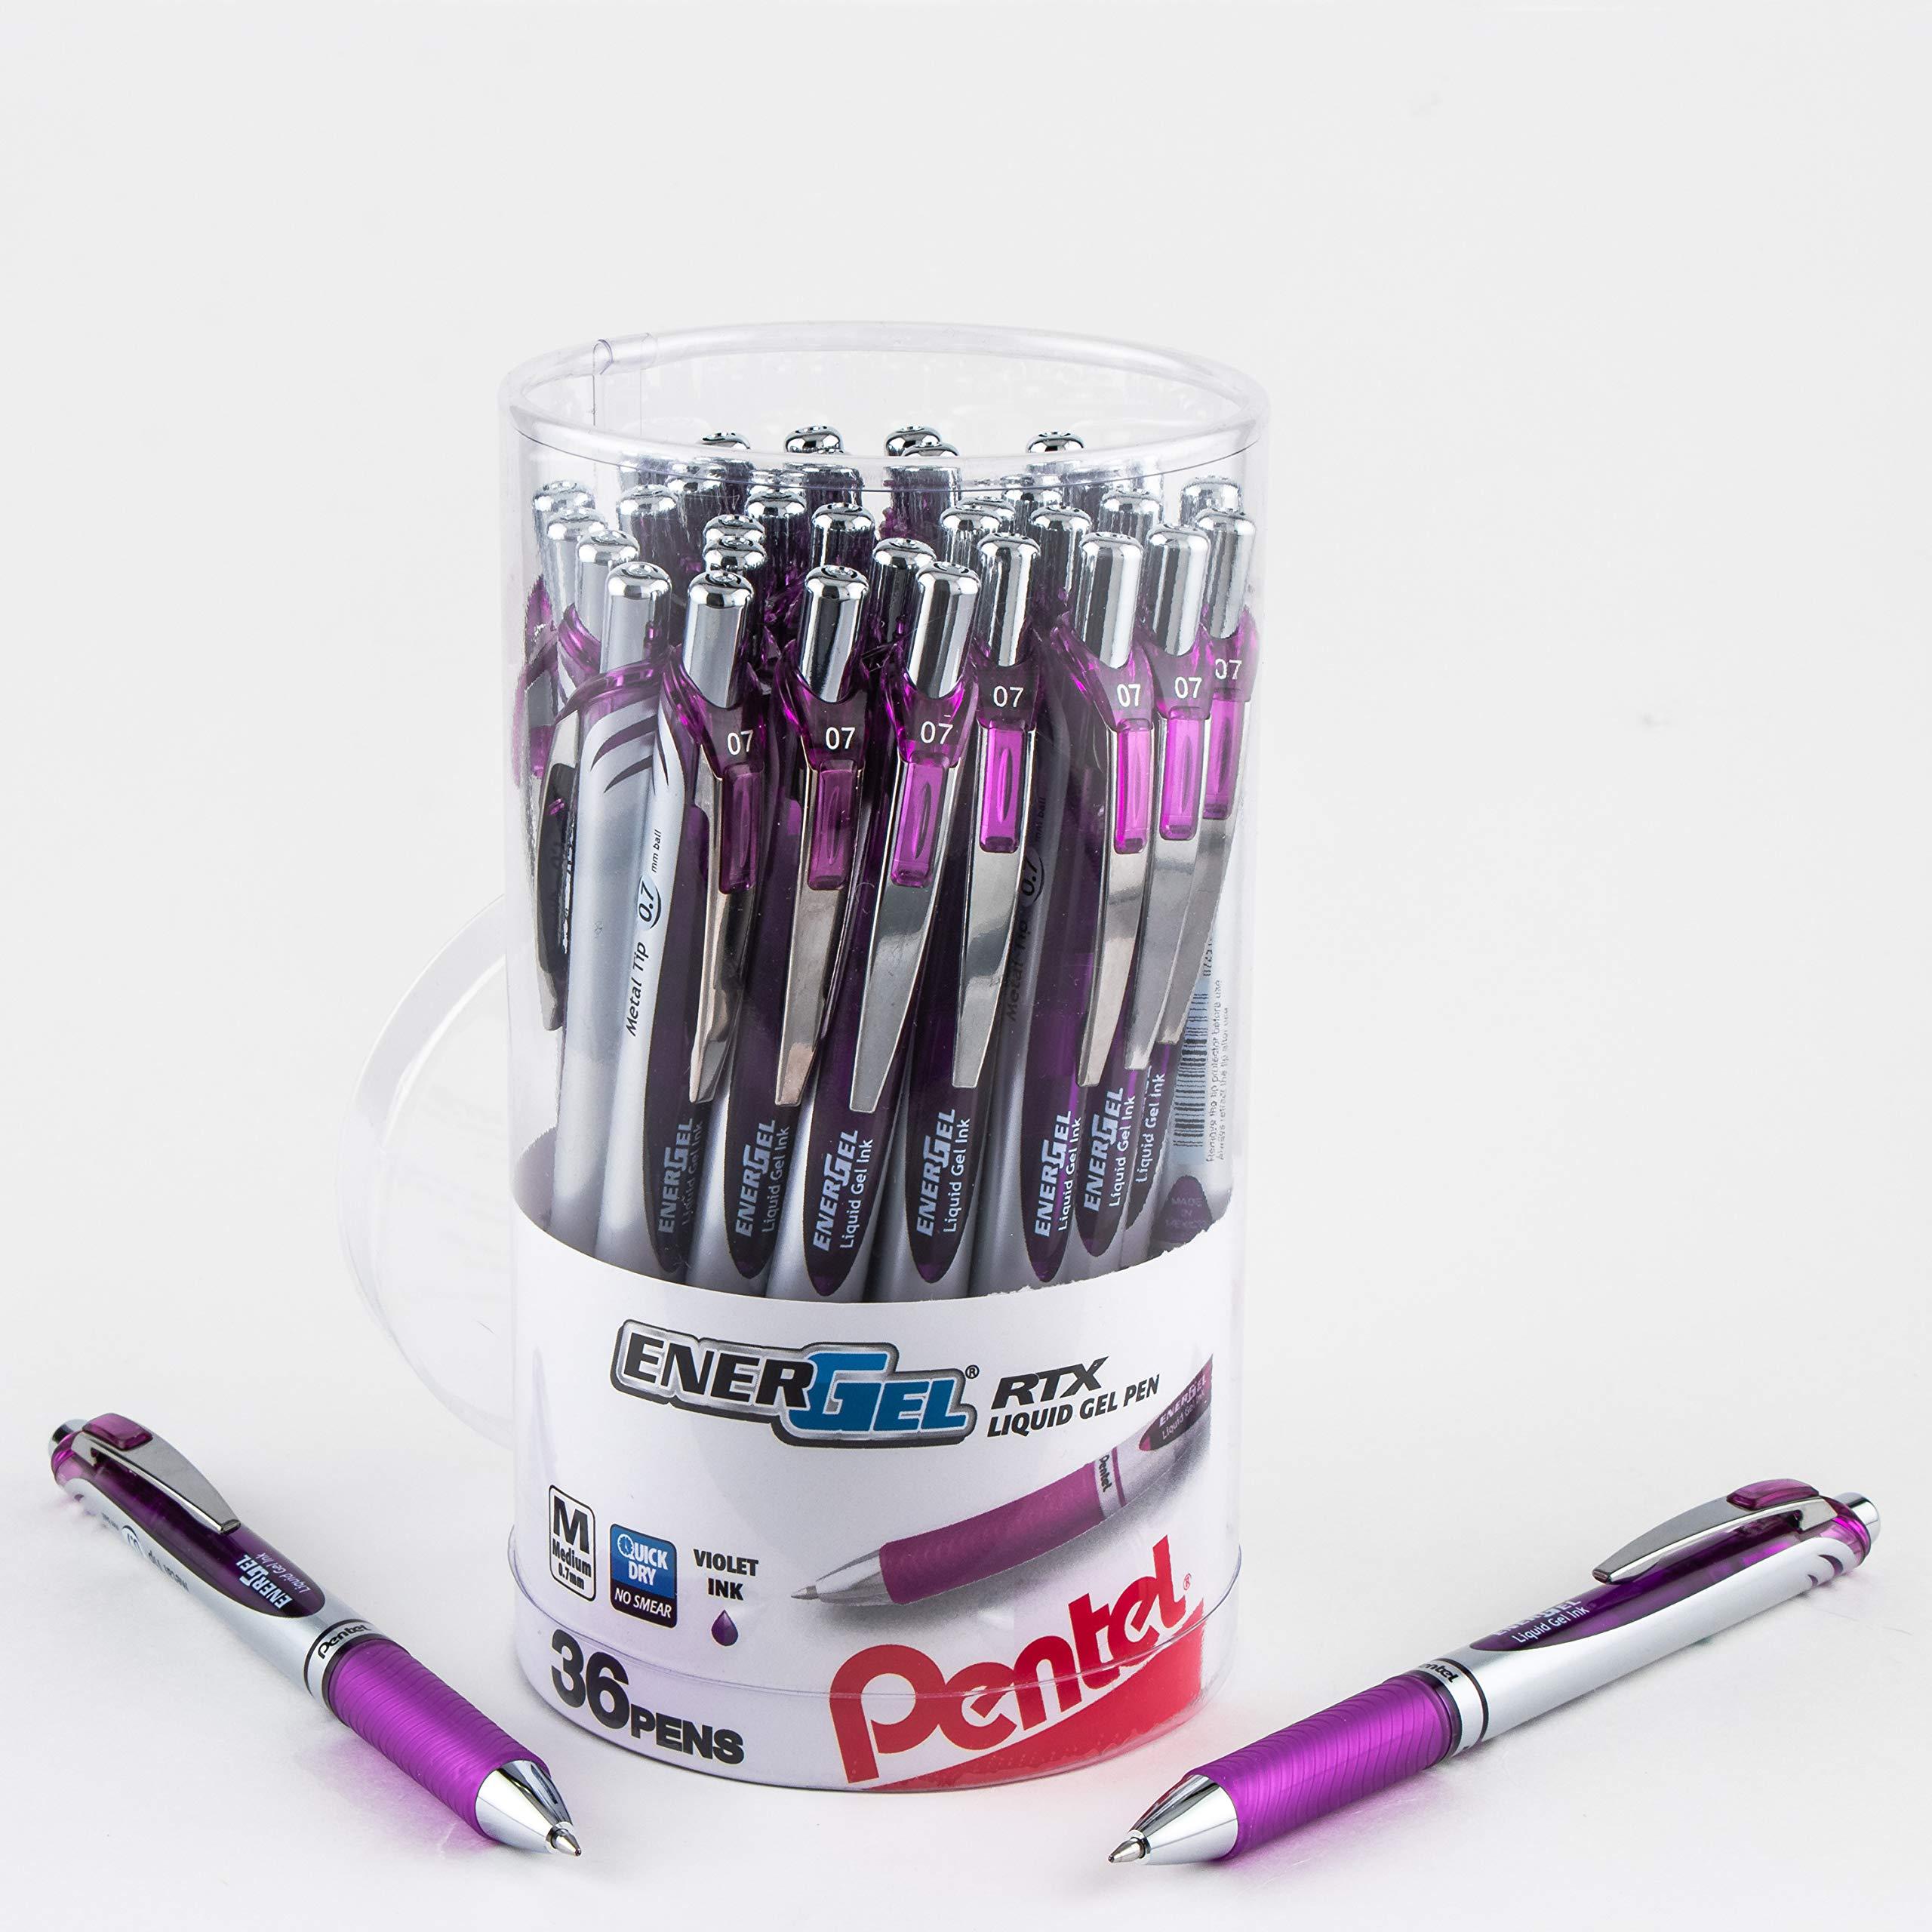 Pentel ENER-GEL RTX Retractable Liquid Gel Pen Canister, Violet Ink, 36Pk (BL77PC36V)